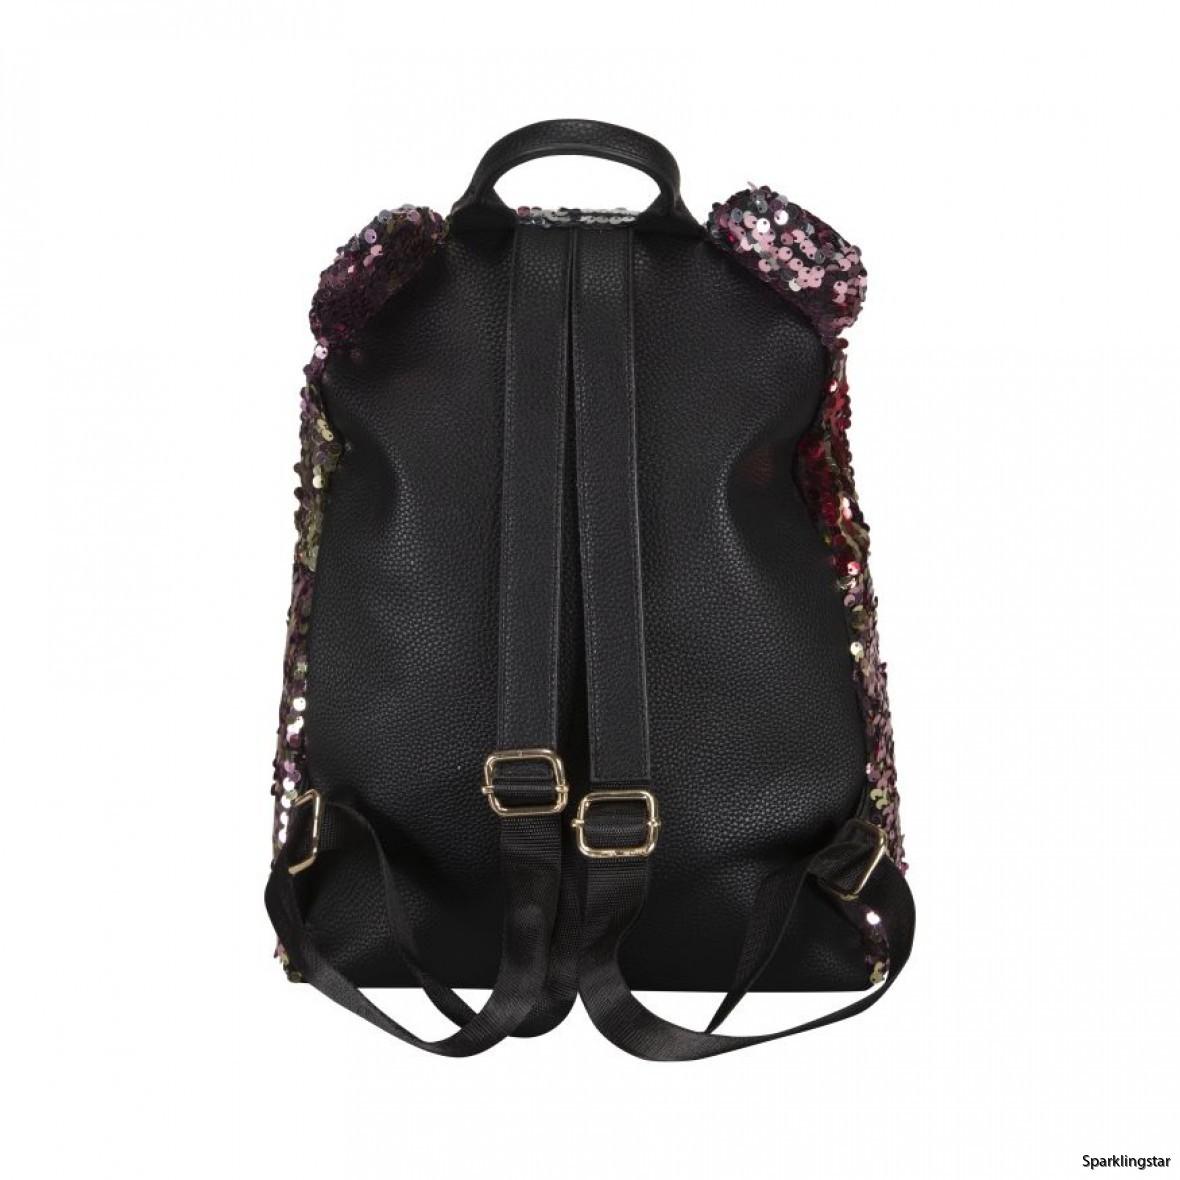 Sofie Schnoor Strid Multi Backpack